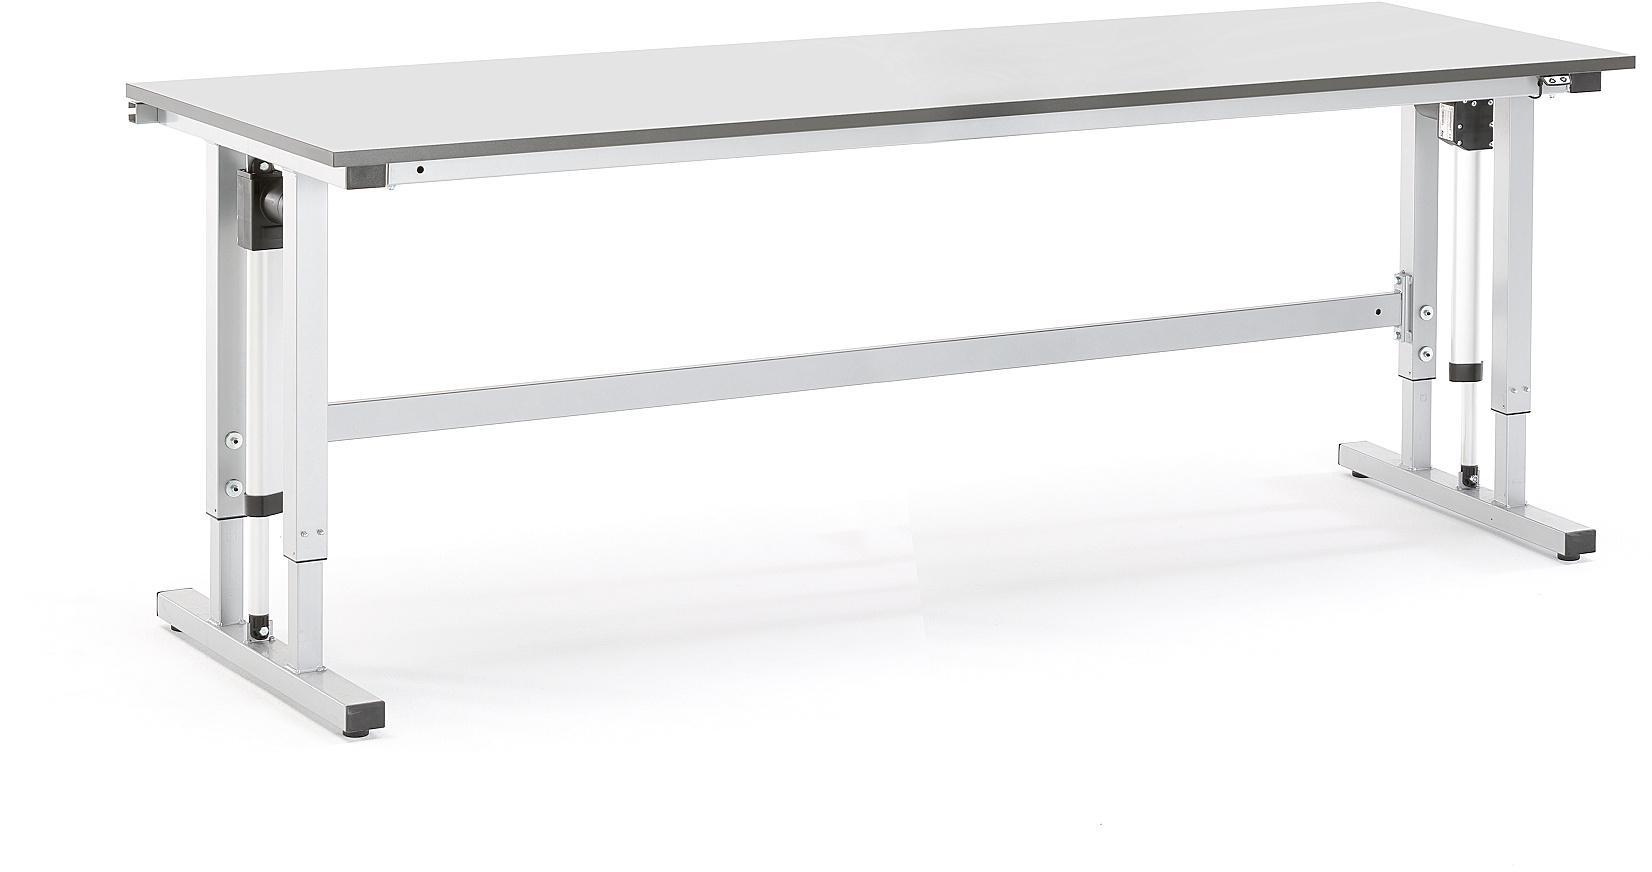 Elektricky nastaviteľný dielenský stôl Motion, nosnosť 300 kg, 2500x800 mm